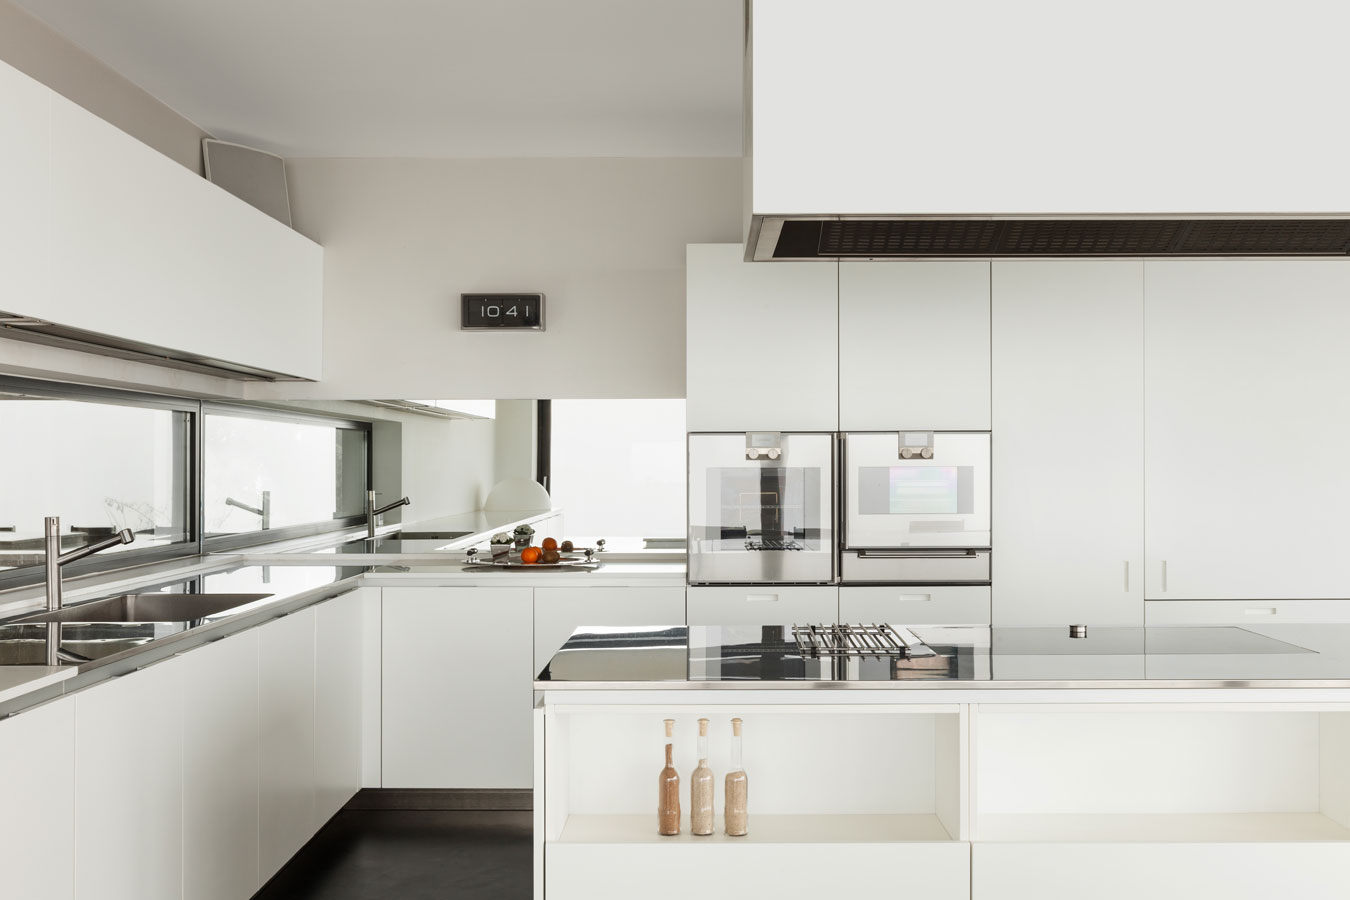 Creme Kleurige Keuken : Open Keuken Tips Maken : keuken idee?n Keukens inrichting voorbeelden